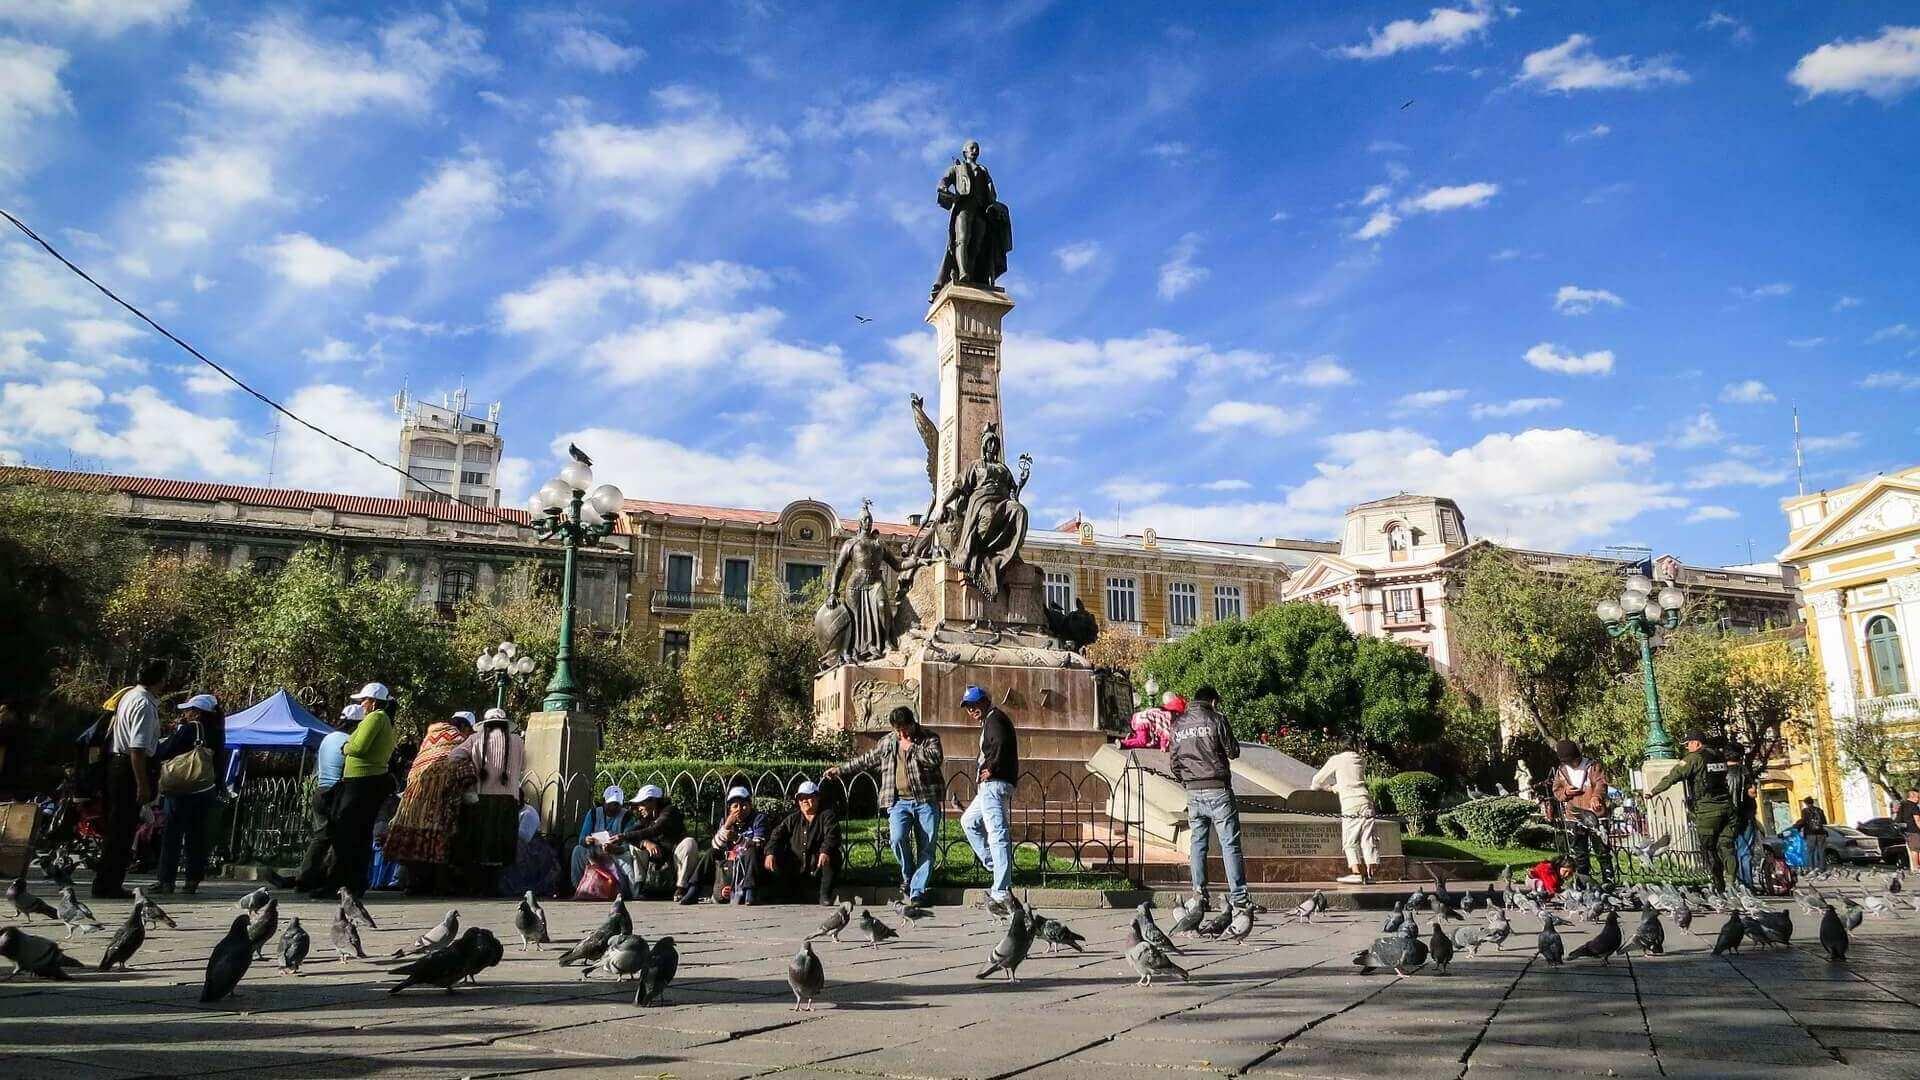 Standbeeld op een plein in La Paz in Bolivia